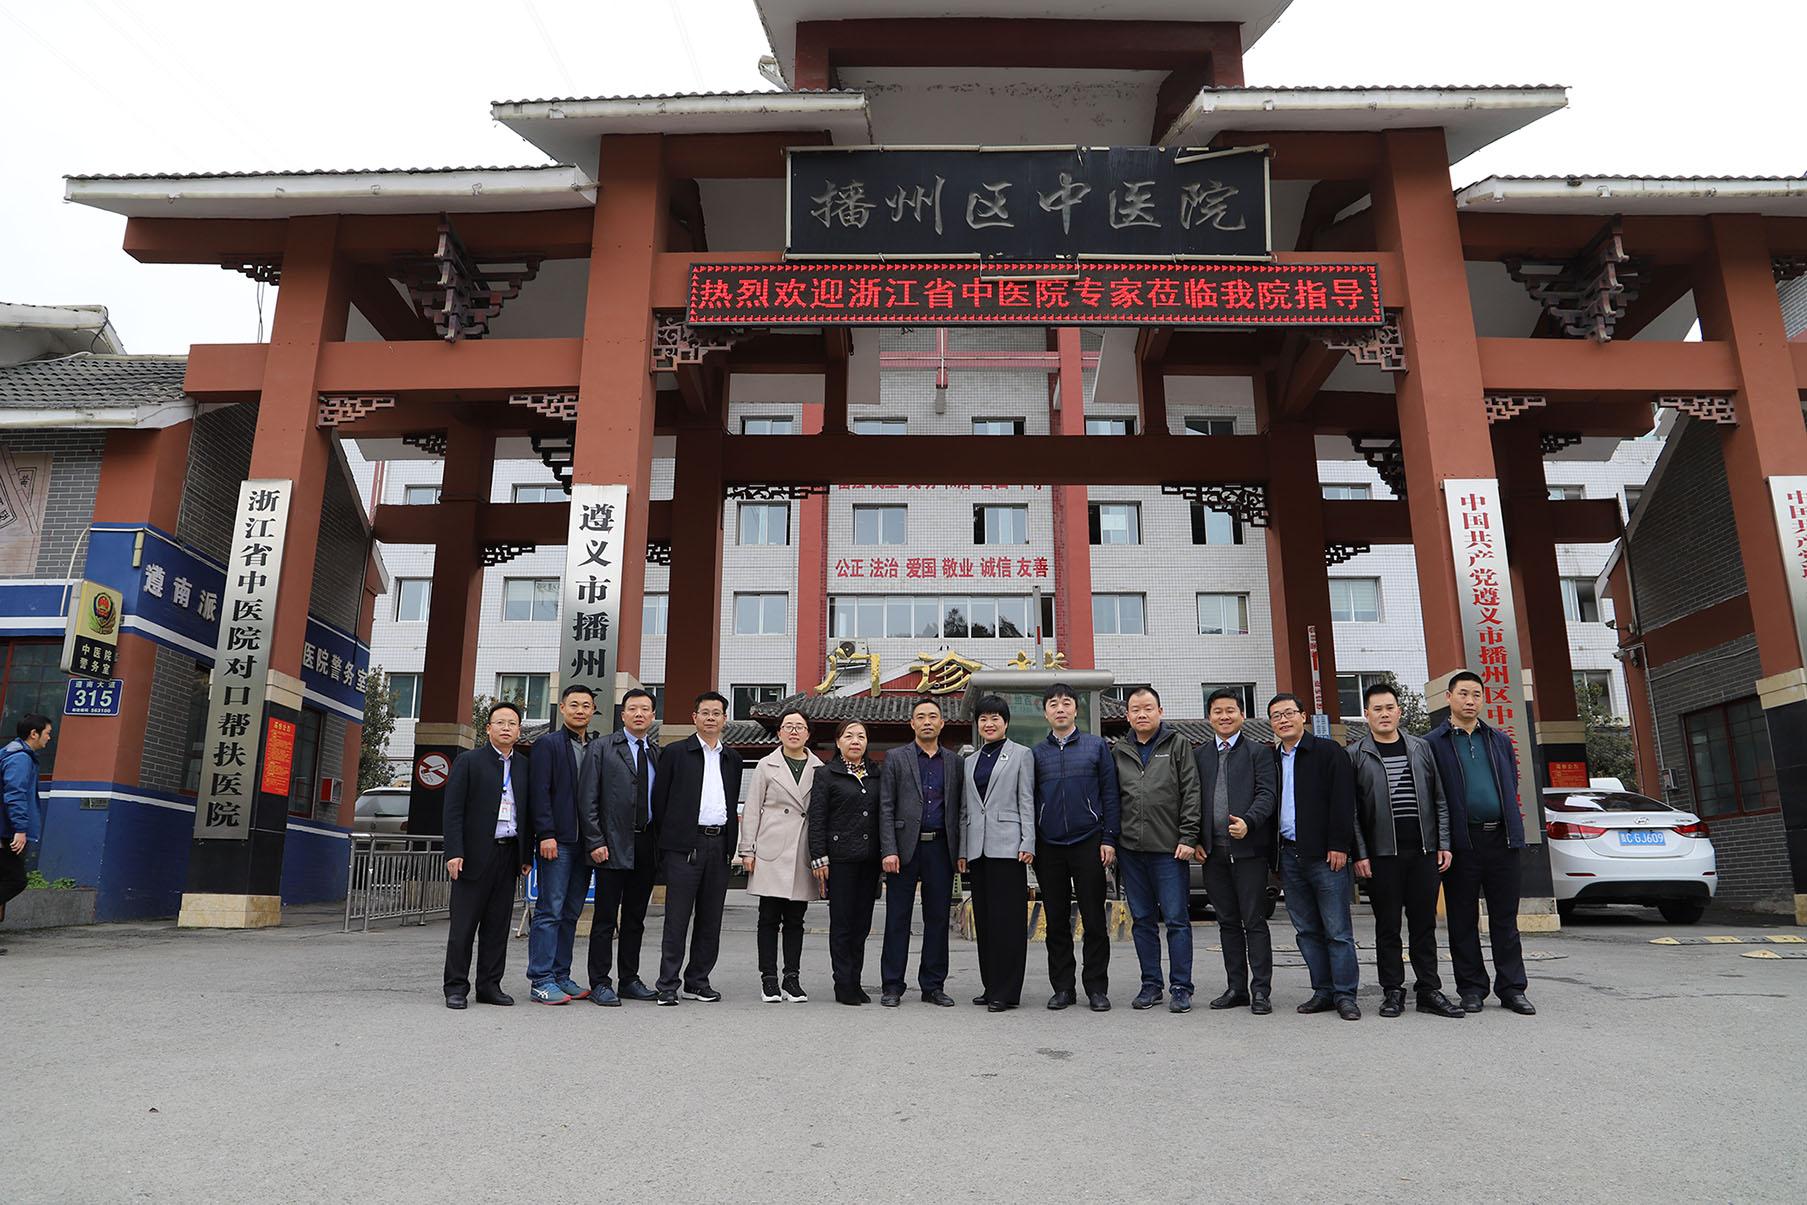 2019年4月1日,浙江省中医院杨珺超副院长一行专家莅临我院帮扶指导,合影留念。